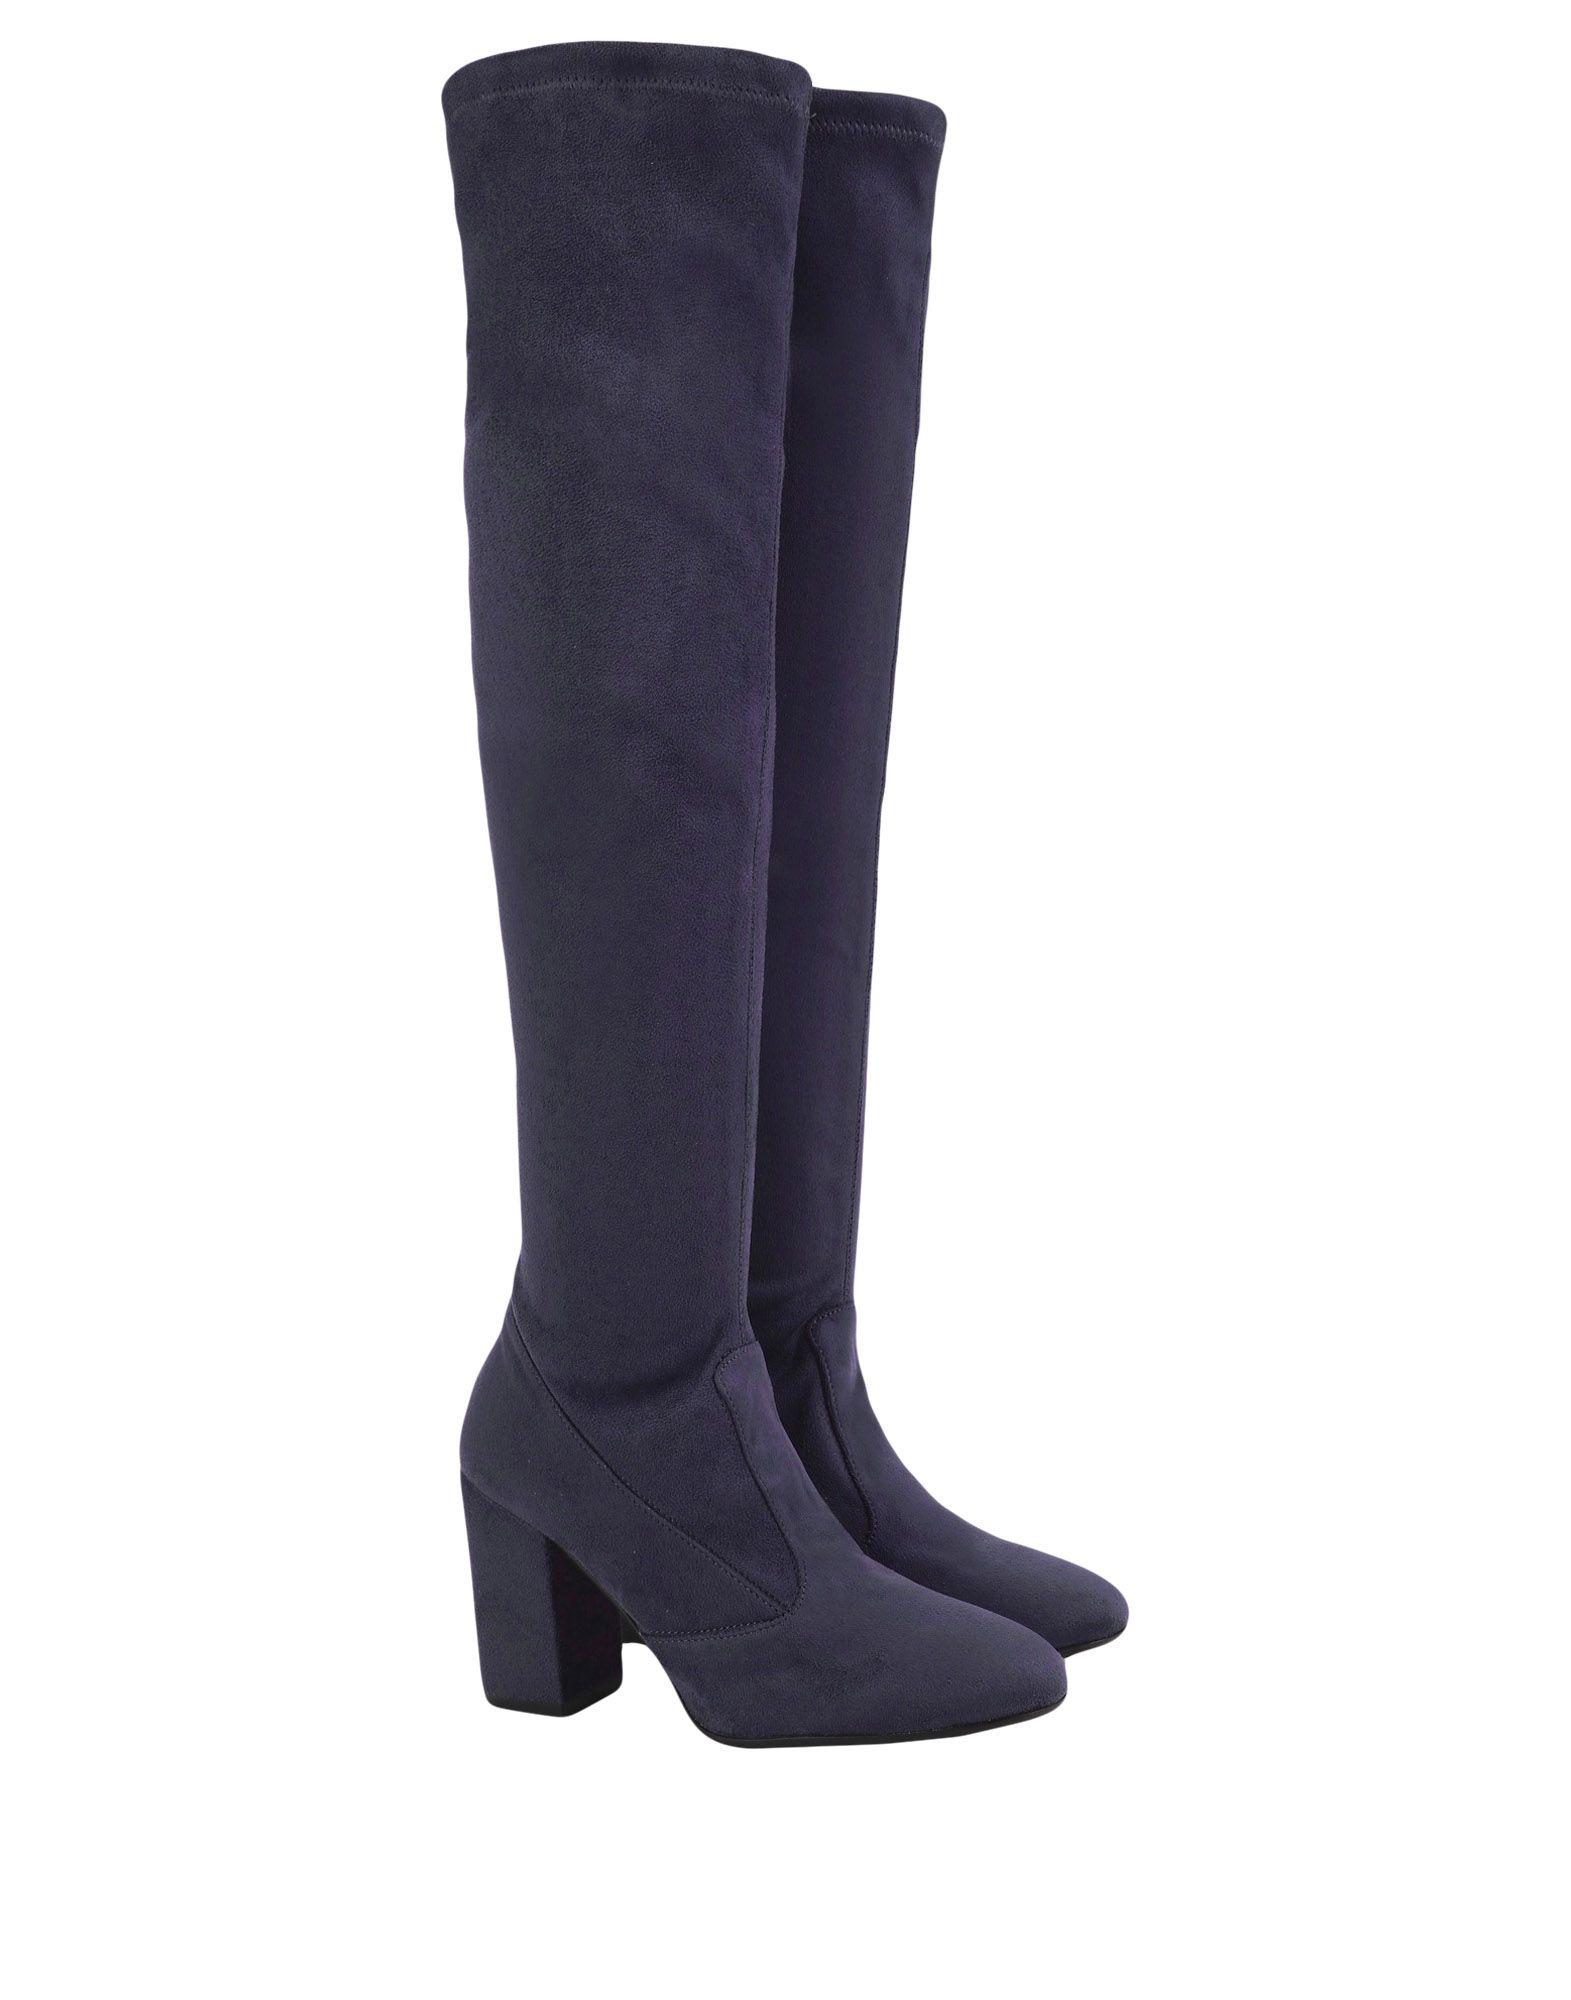 George 11403725JV J. Love Stiefel Damen  11403725JV George Gute Qualität beliebte Schuhe 8ed234